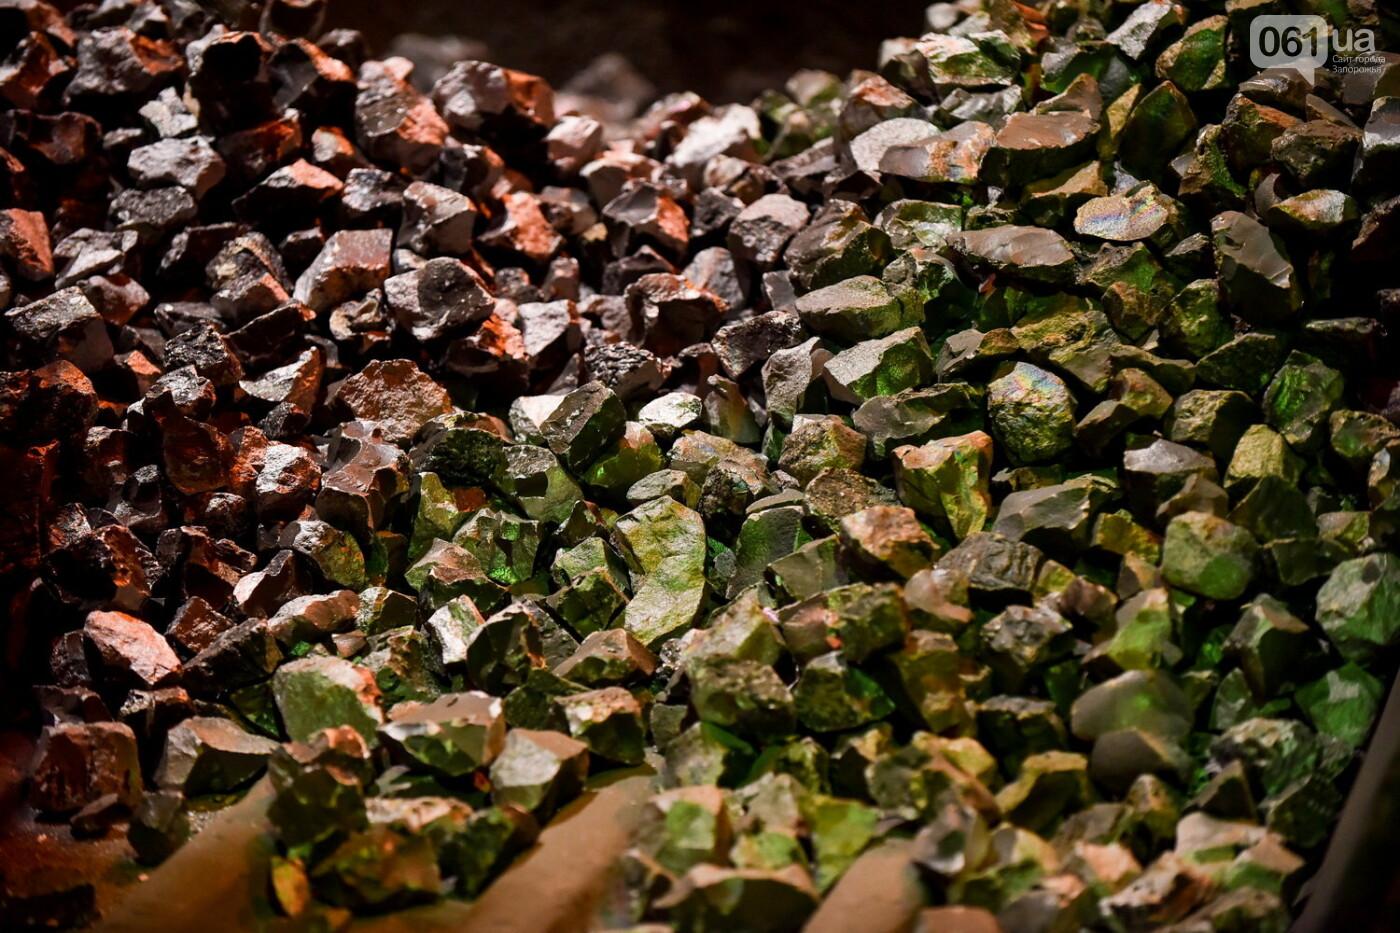 Как руду превращают в ферросплавы: экскурсия на производство, – ФОТОРЕПОРТАЖ, фото-62